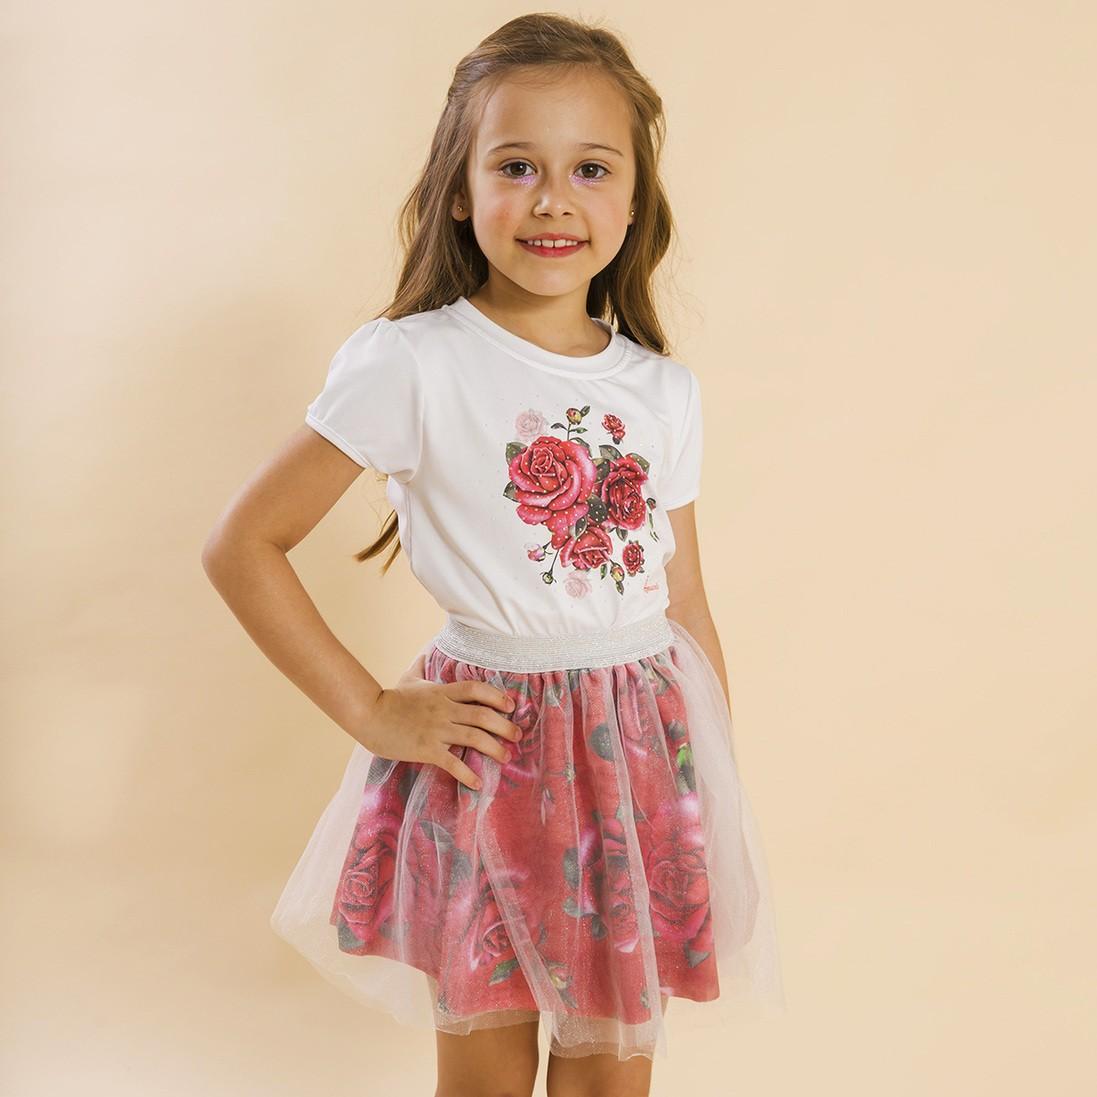 BAZAR - Conjunto Infantil Blusa e Saia Bailarina Rosas Vermelho